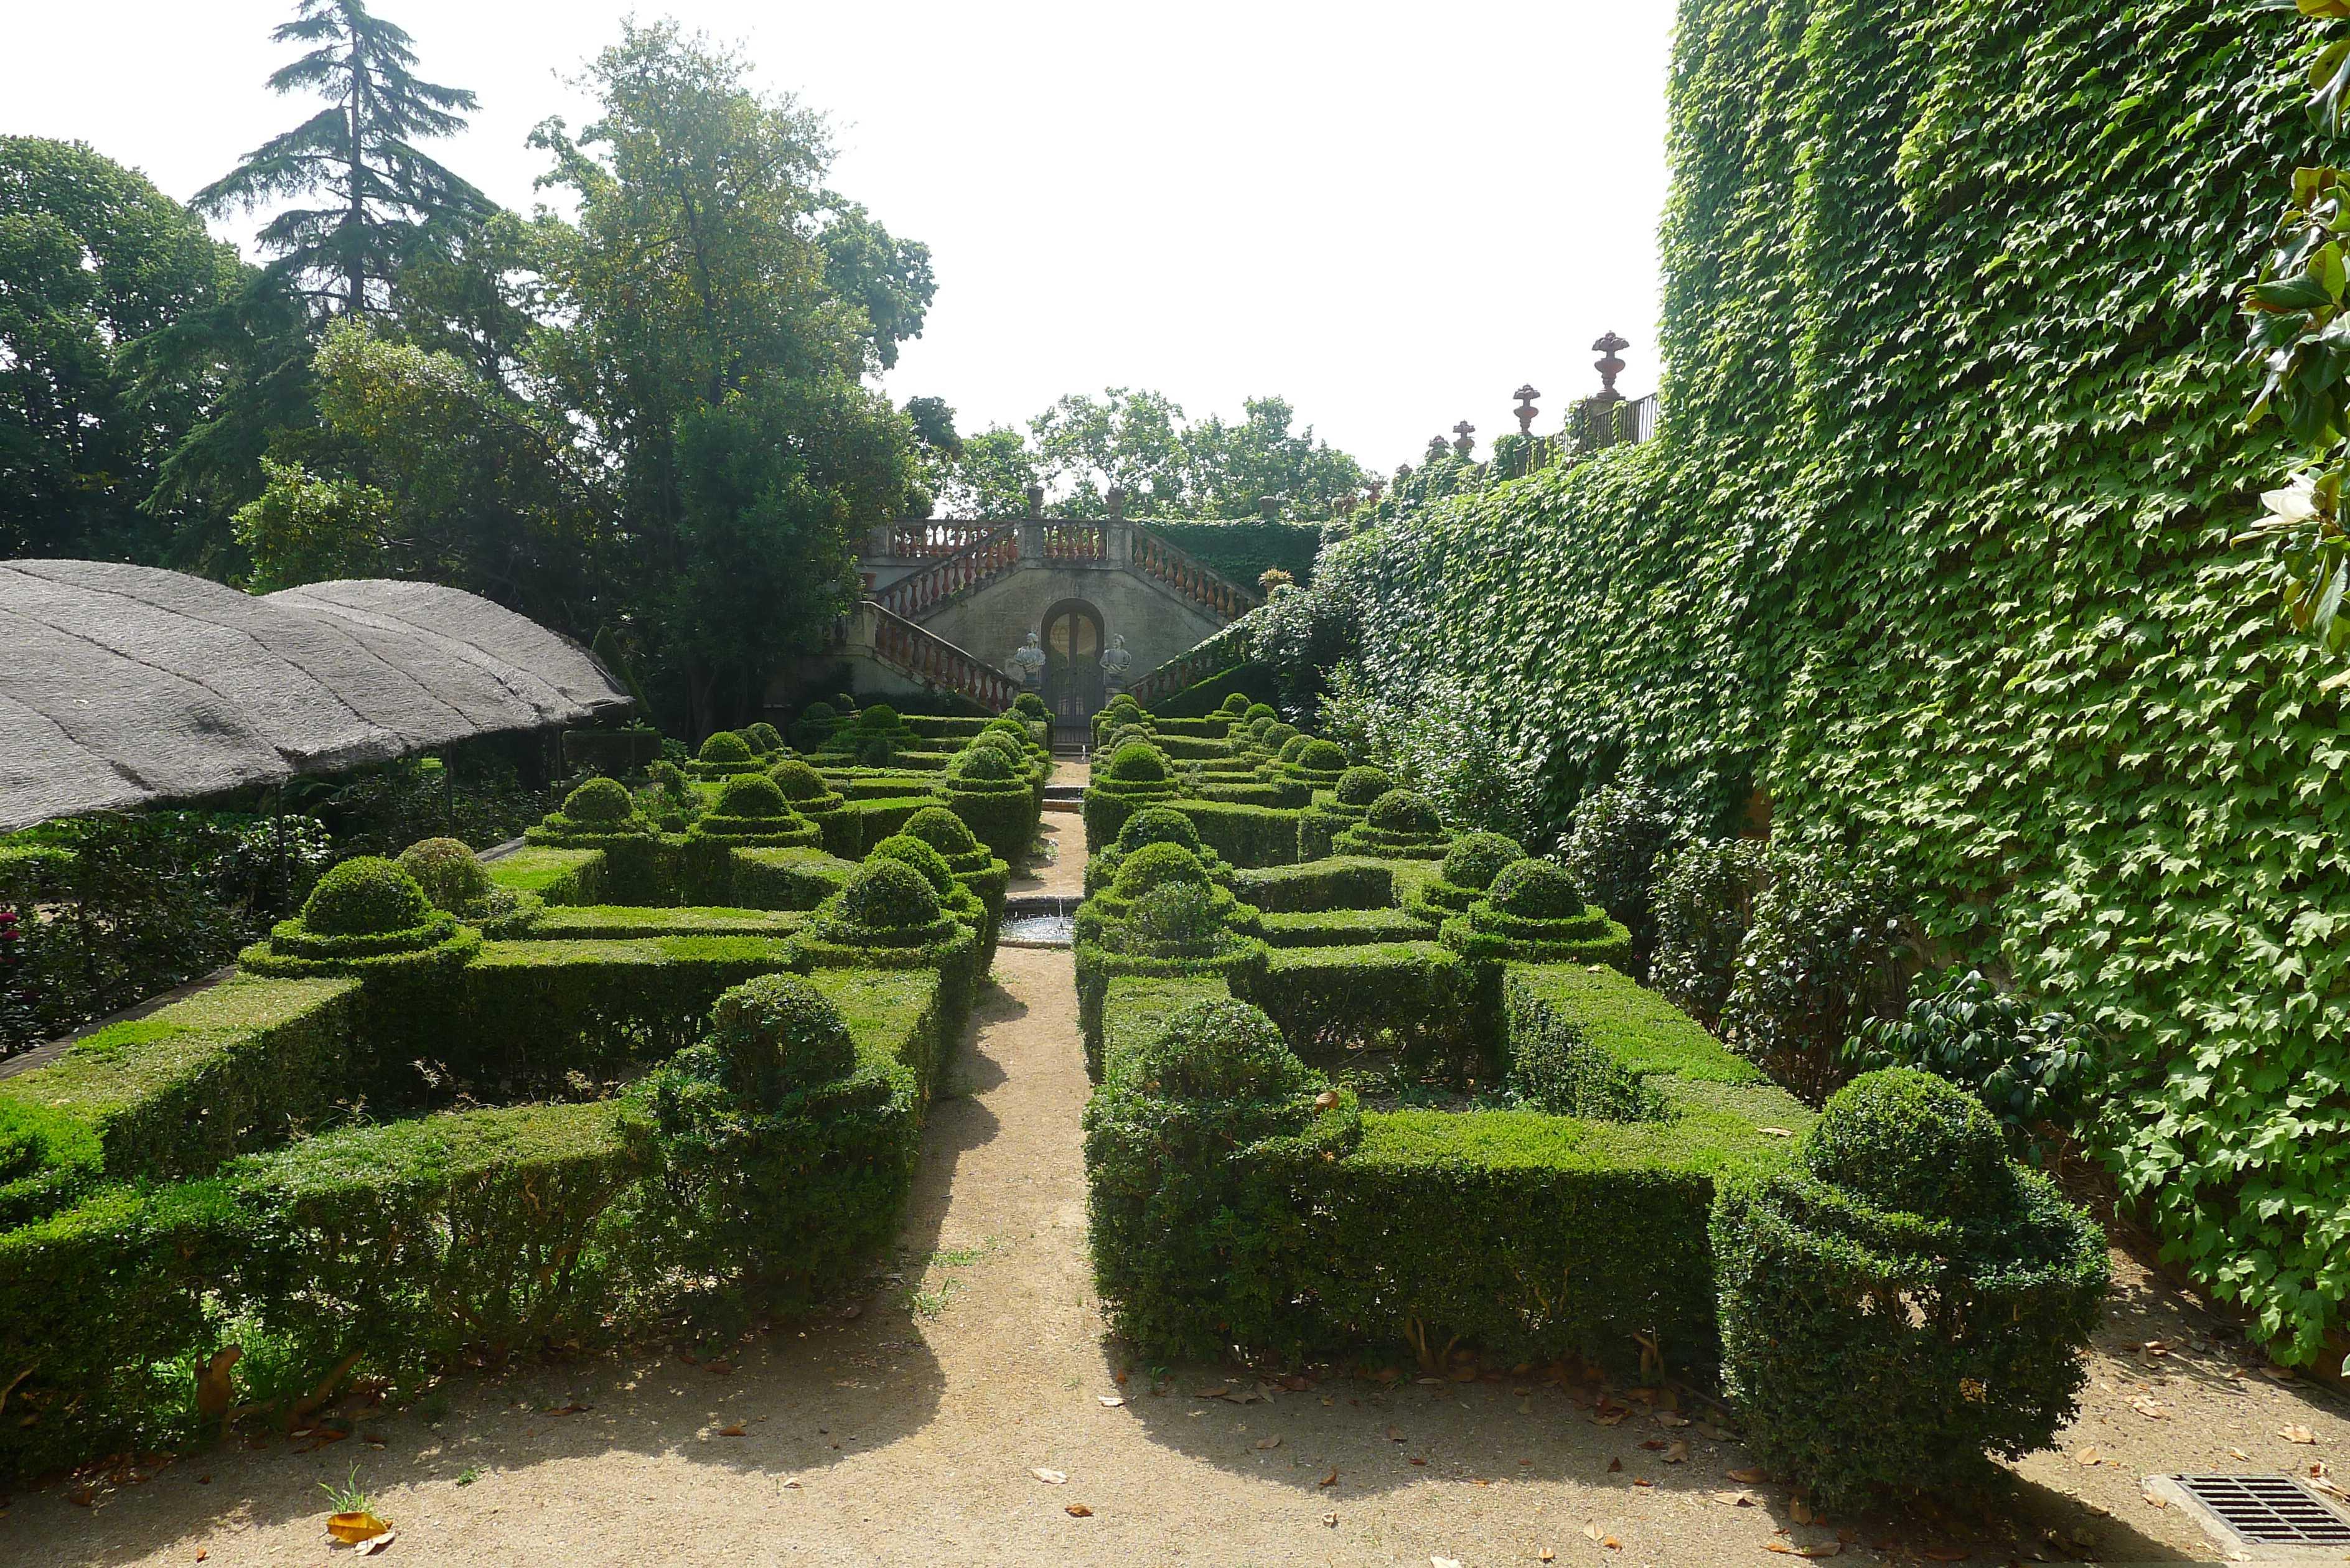 jardi-dels-boixos.jpg